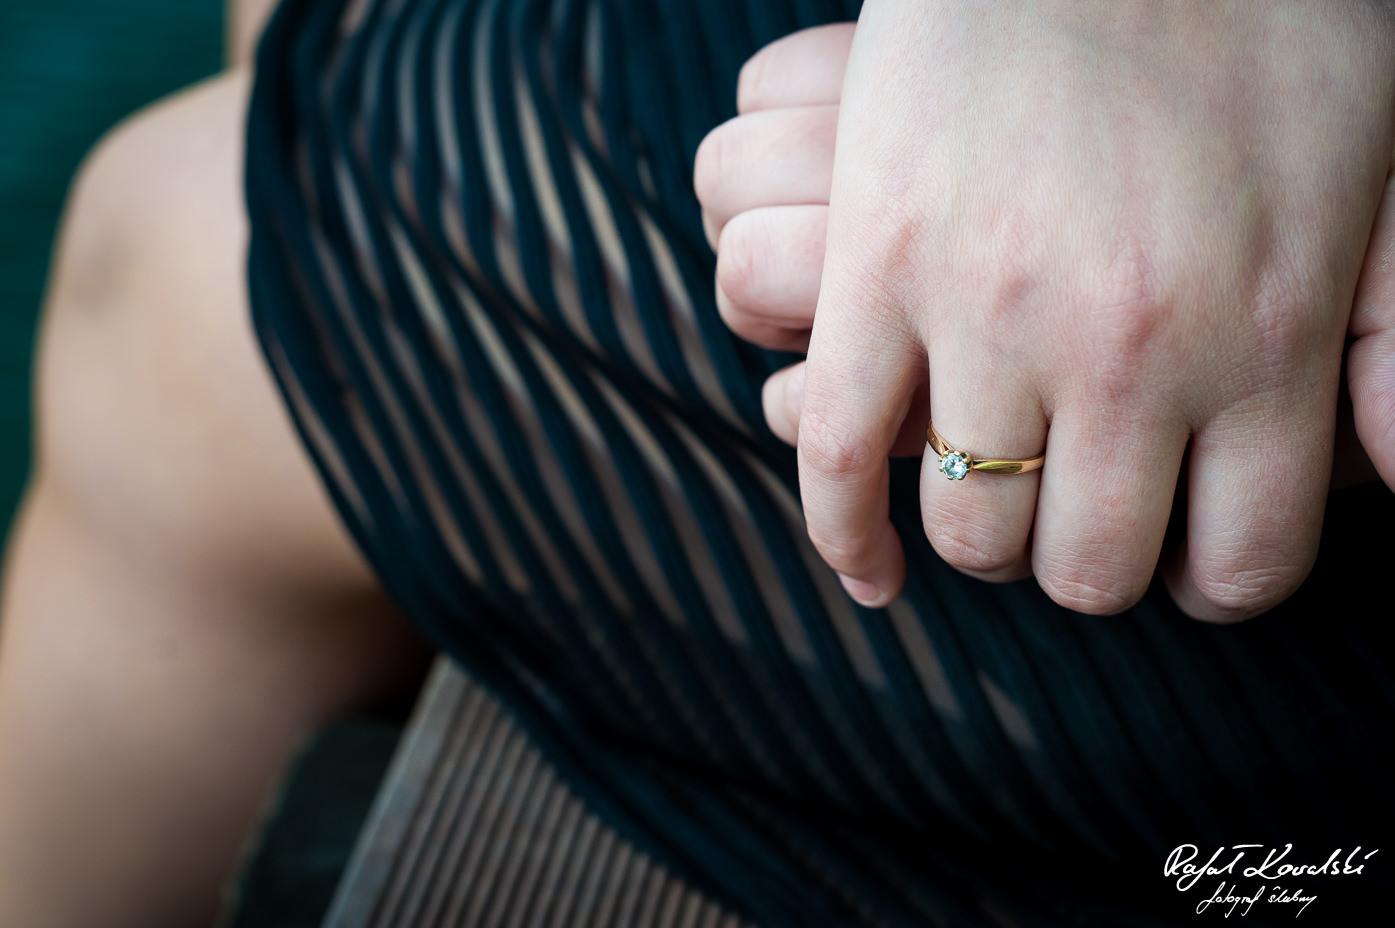 Sesja narzeczeńska Gdańsk - pierscionek zaręczynowy błyszczący na palcu narzeczonej to pewny znak, że sprawy mierzają w kierunku hucznego wesela